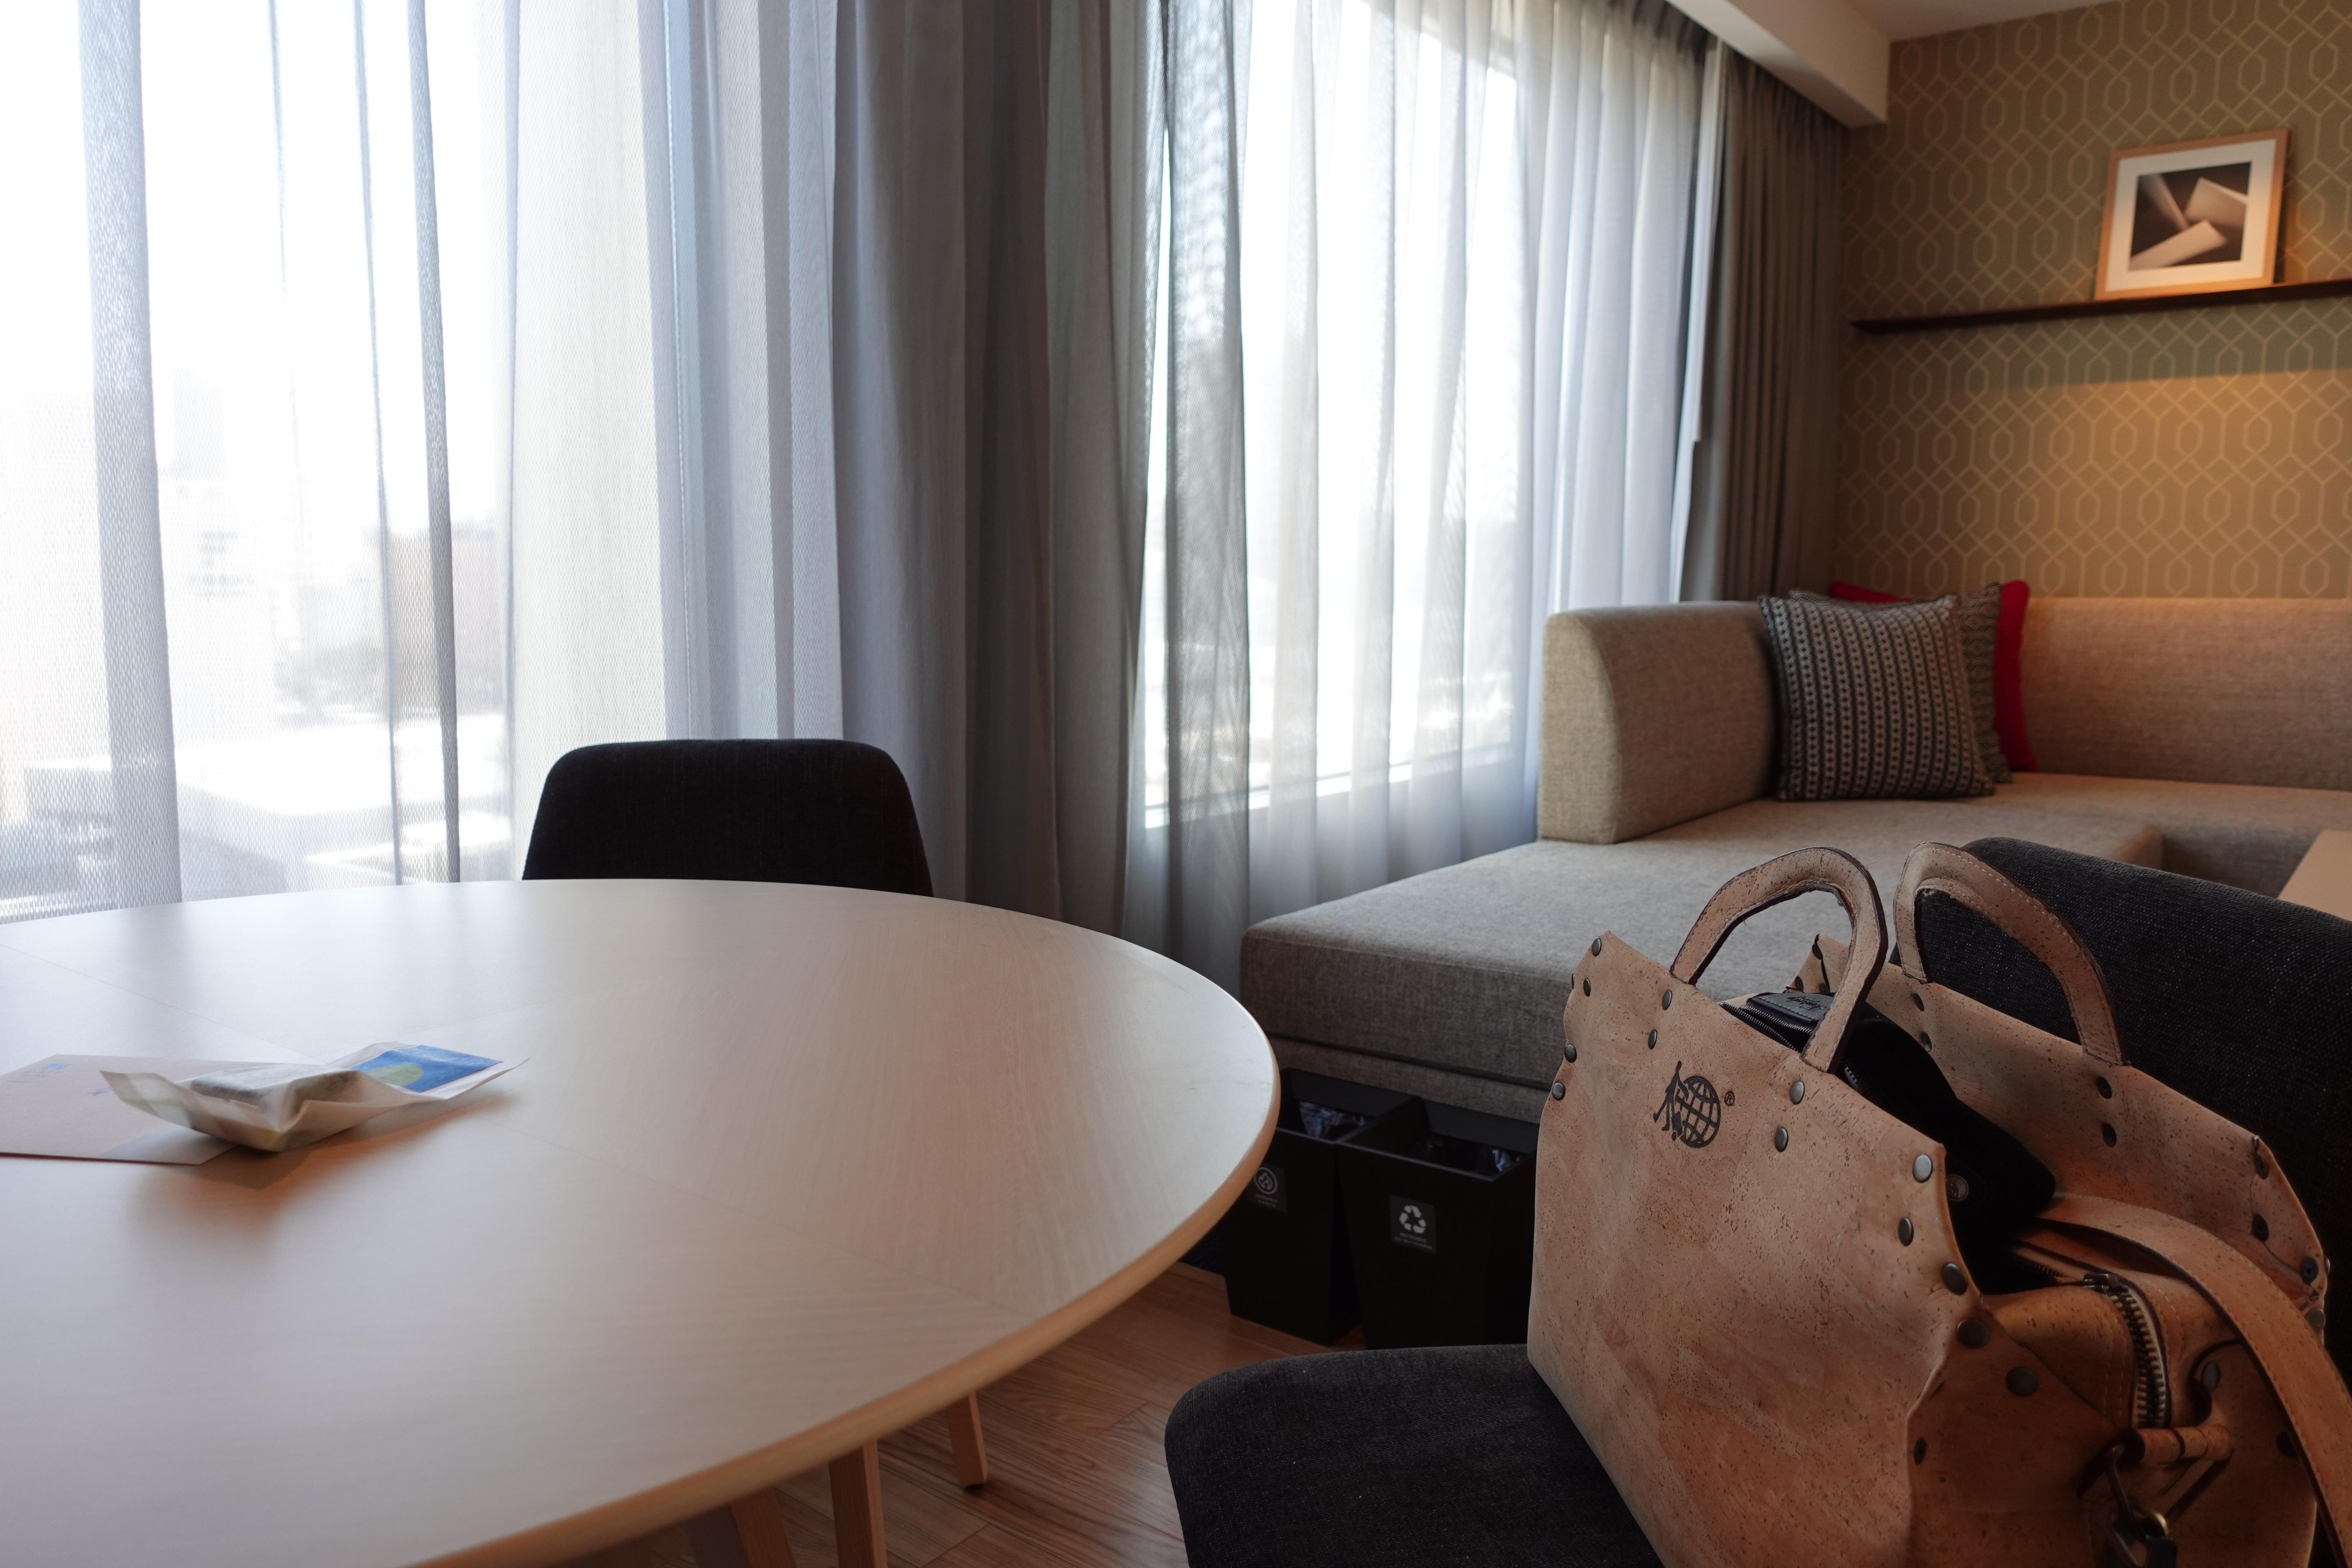 ハイアット ライフタイムグローバリストへの道#62(ハイアットハウス金沢(Hyatt House Kanazawa) キッチン コーナー スイート ツイン(Kitchen Corner Suite Twin Room))